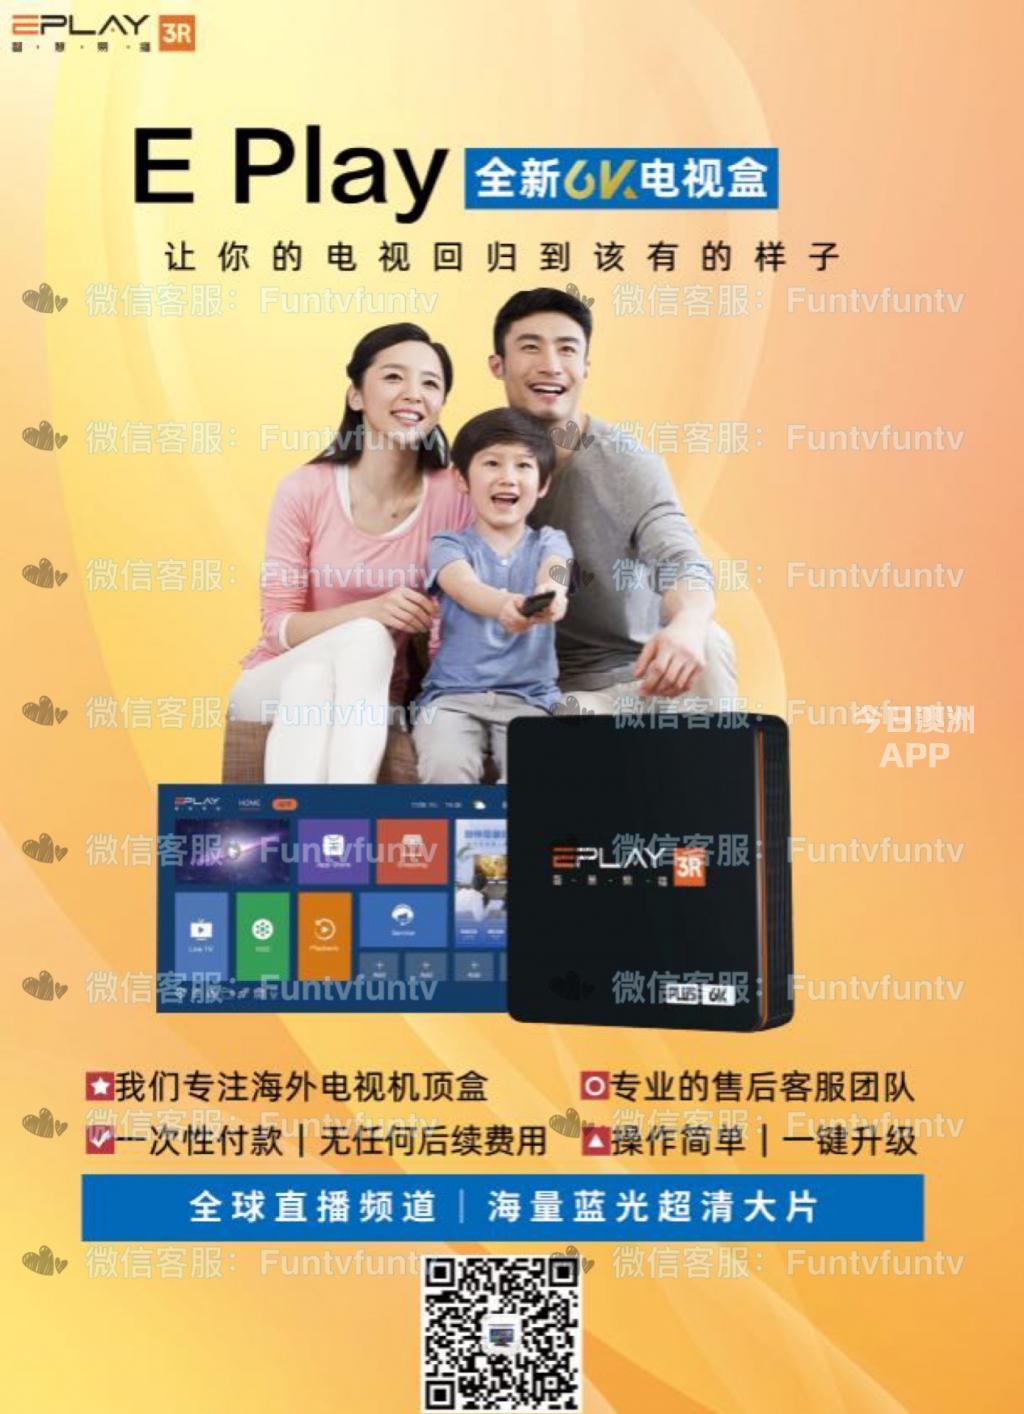 澳洲中文电视盒领军品牌 一次性付费全家享用 海量超清大片 全球直播频道等您来